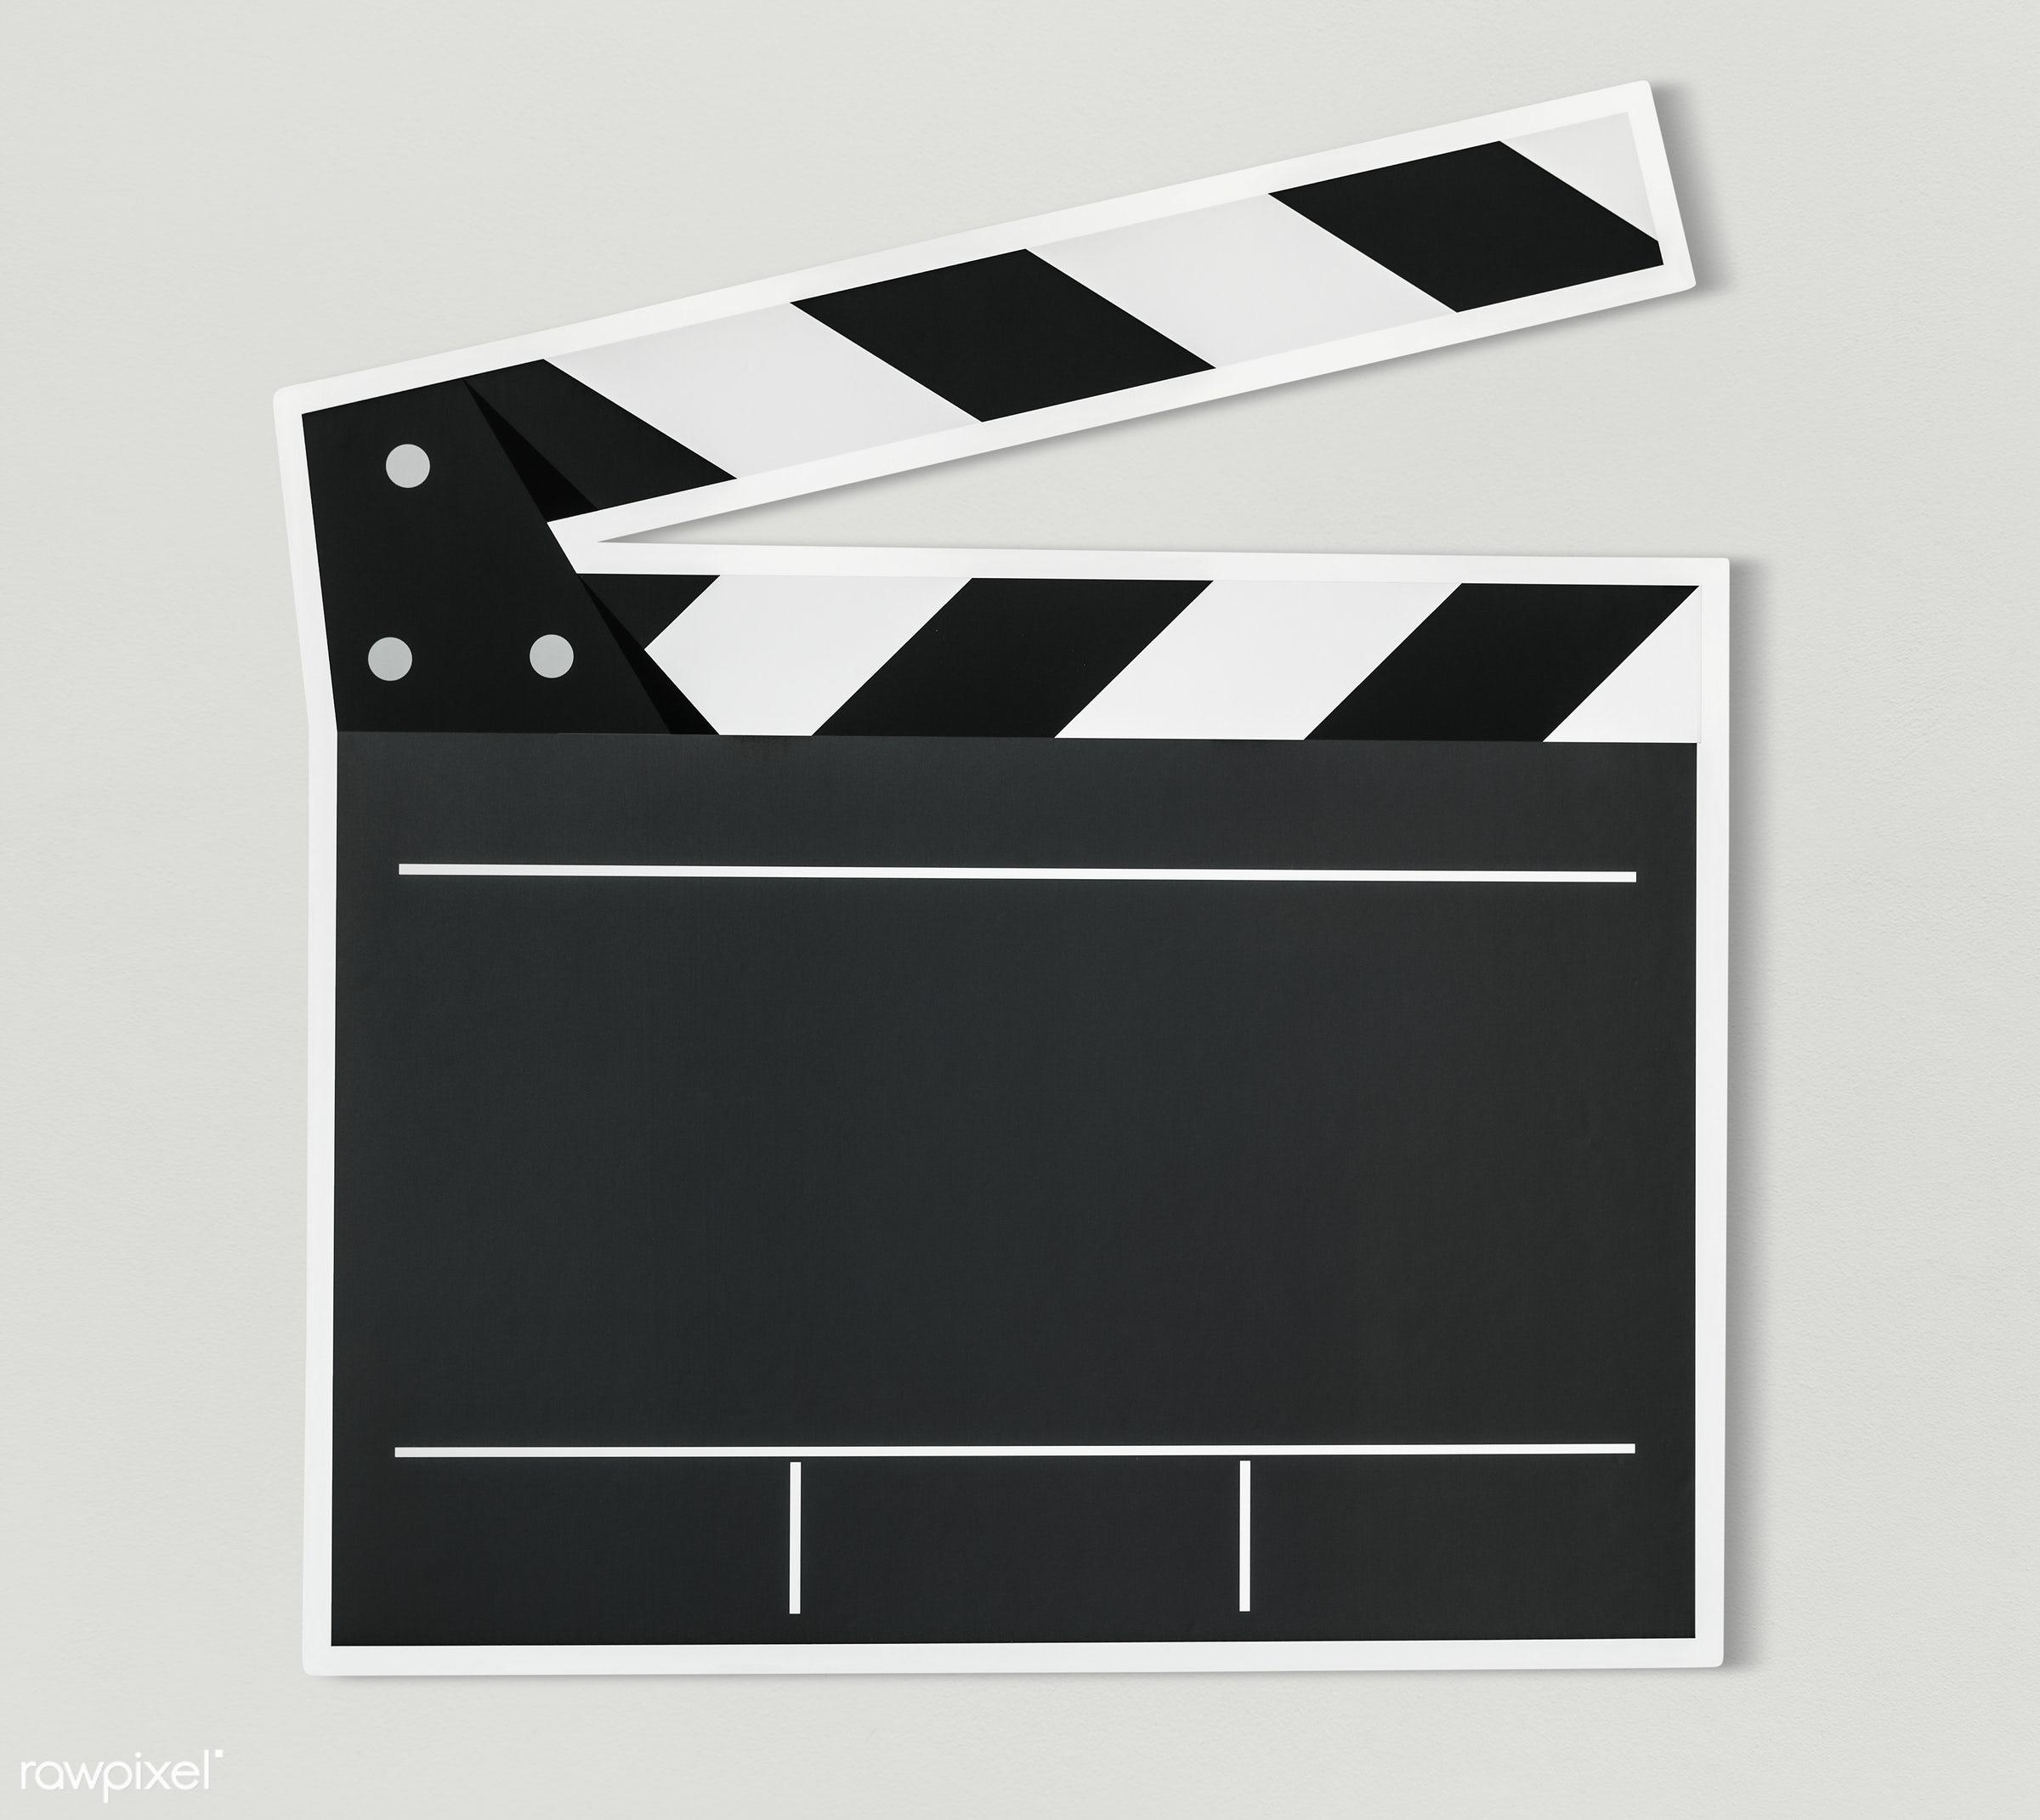 Zwischen Hollywood-Casting und Freizeitbier – über das richtige Mass der Selbstvermarktung im Interview